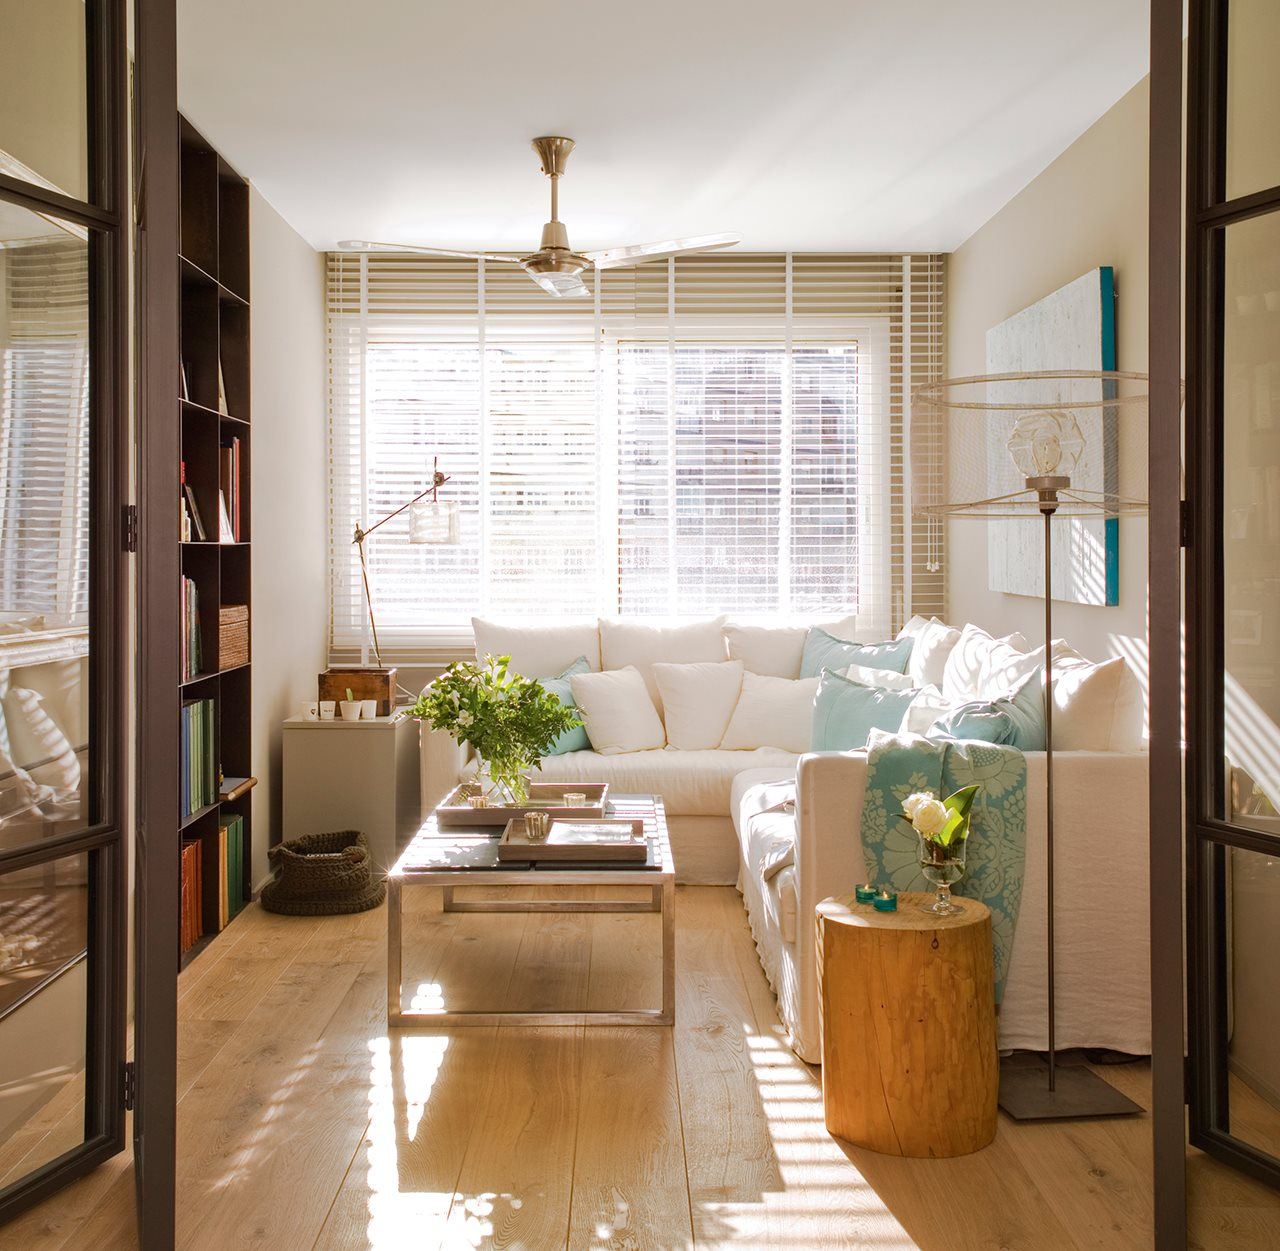 Una reforma para ganar luz y calidez - Cristal puerta salon ...